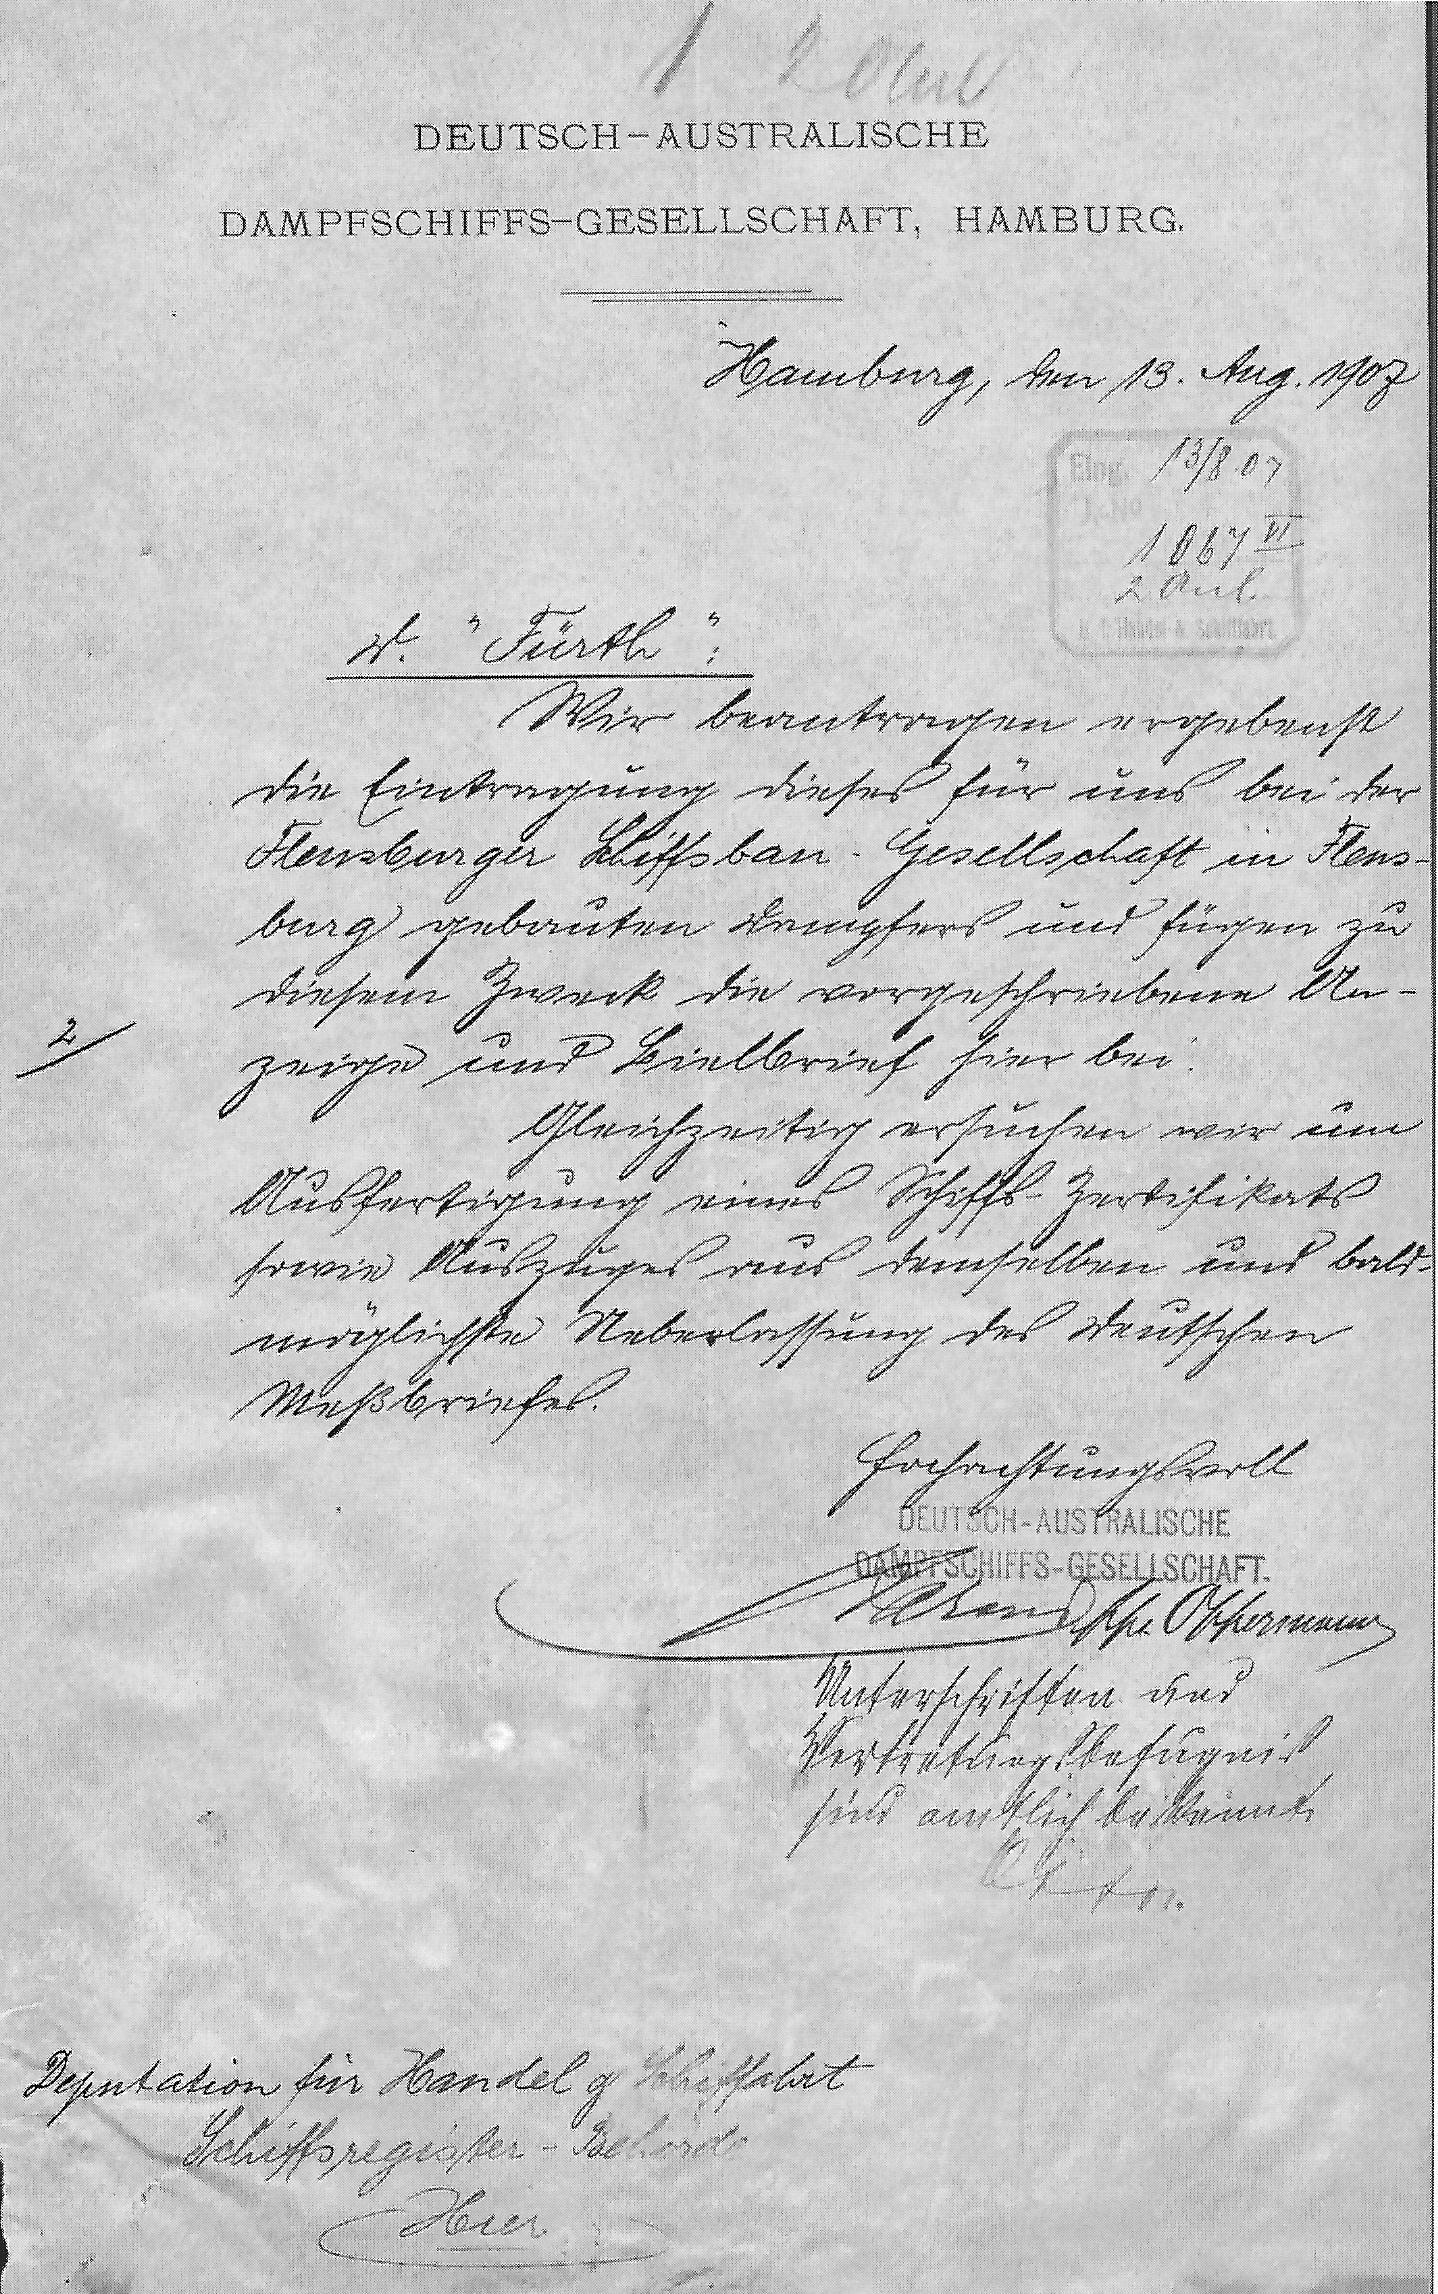 steamship Fürth, registration documents, Hamburg